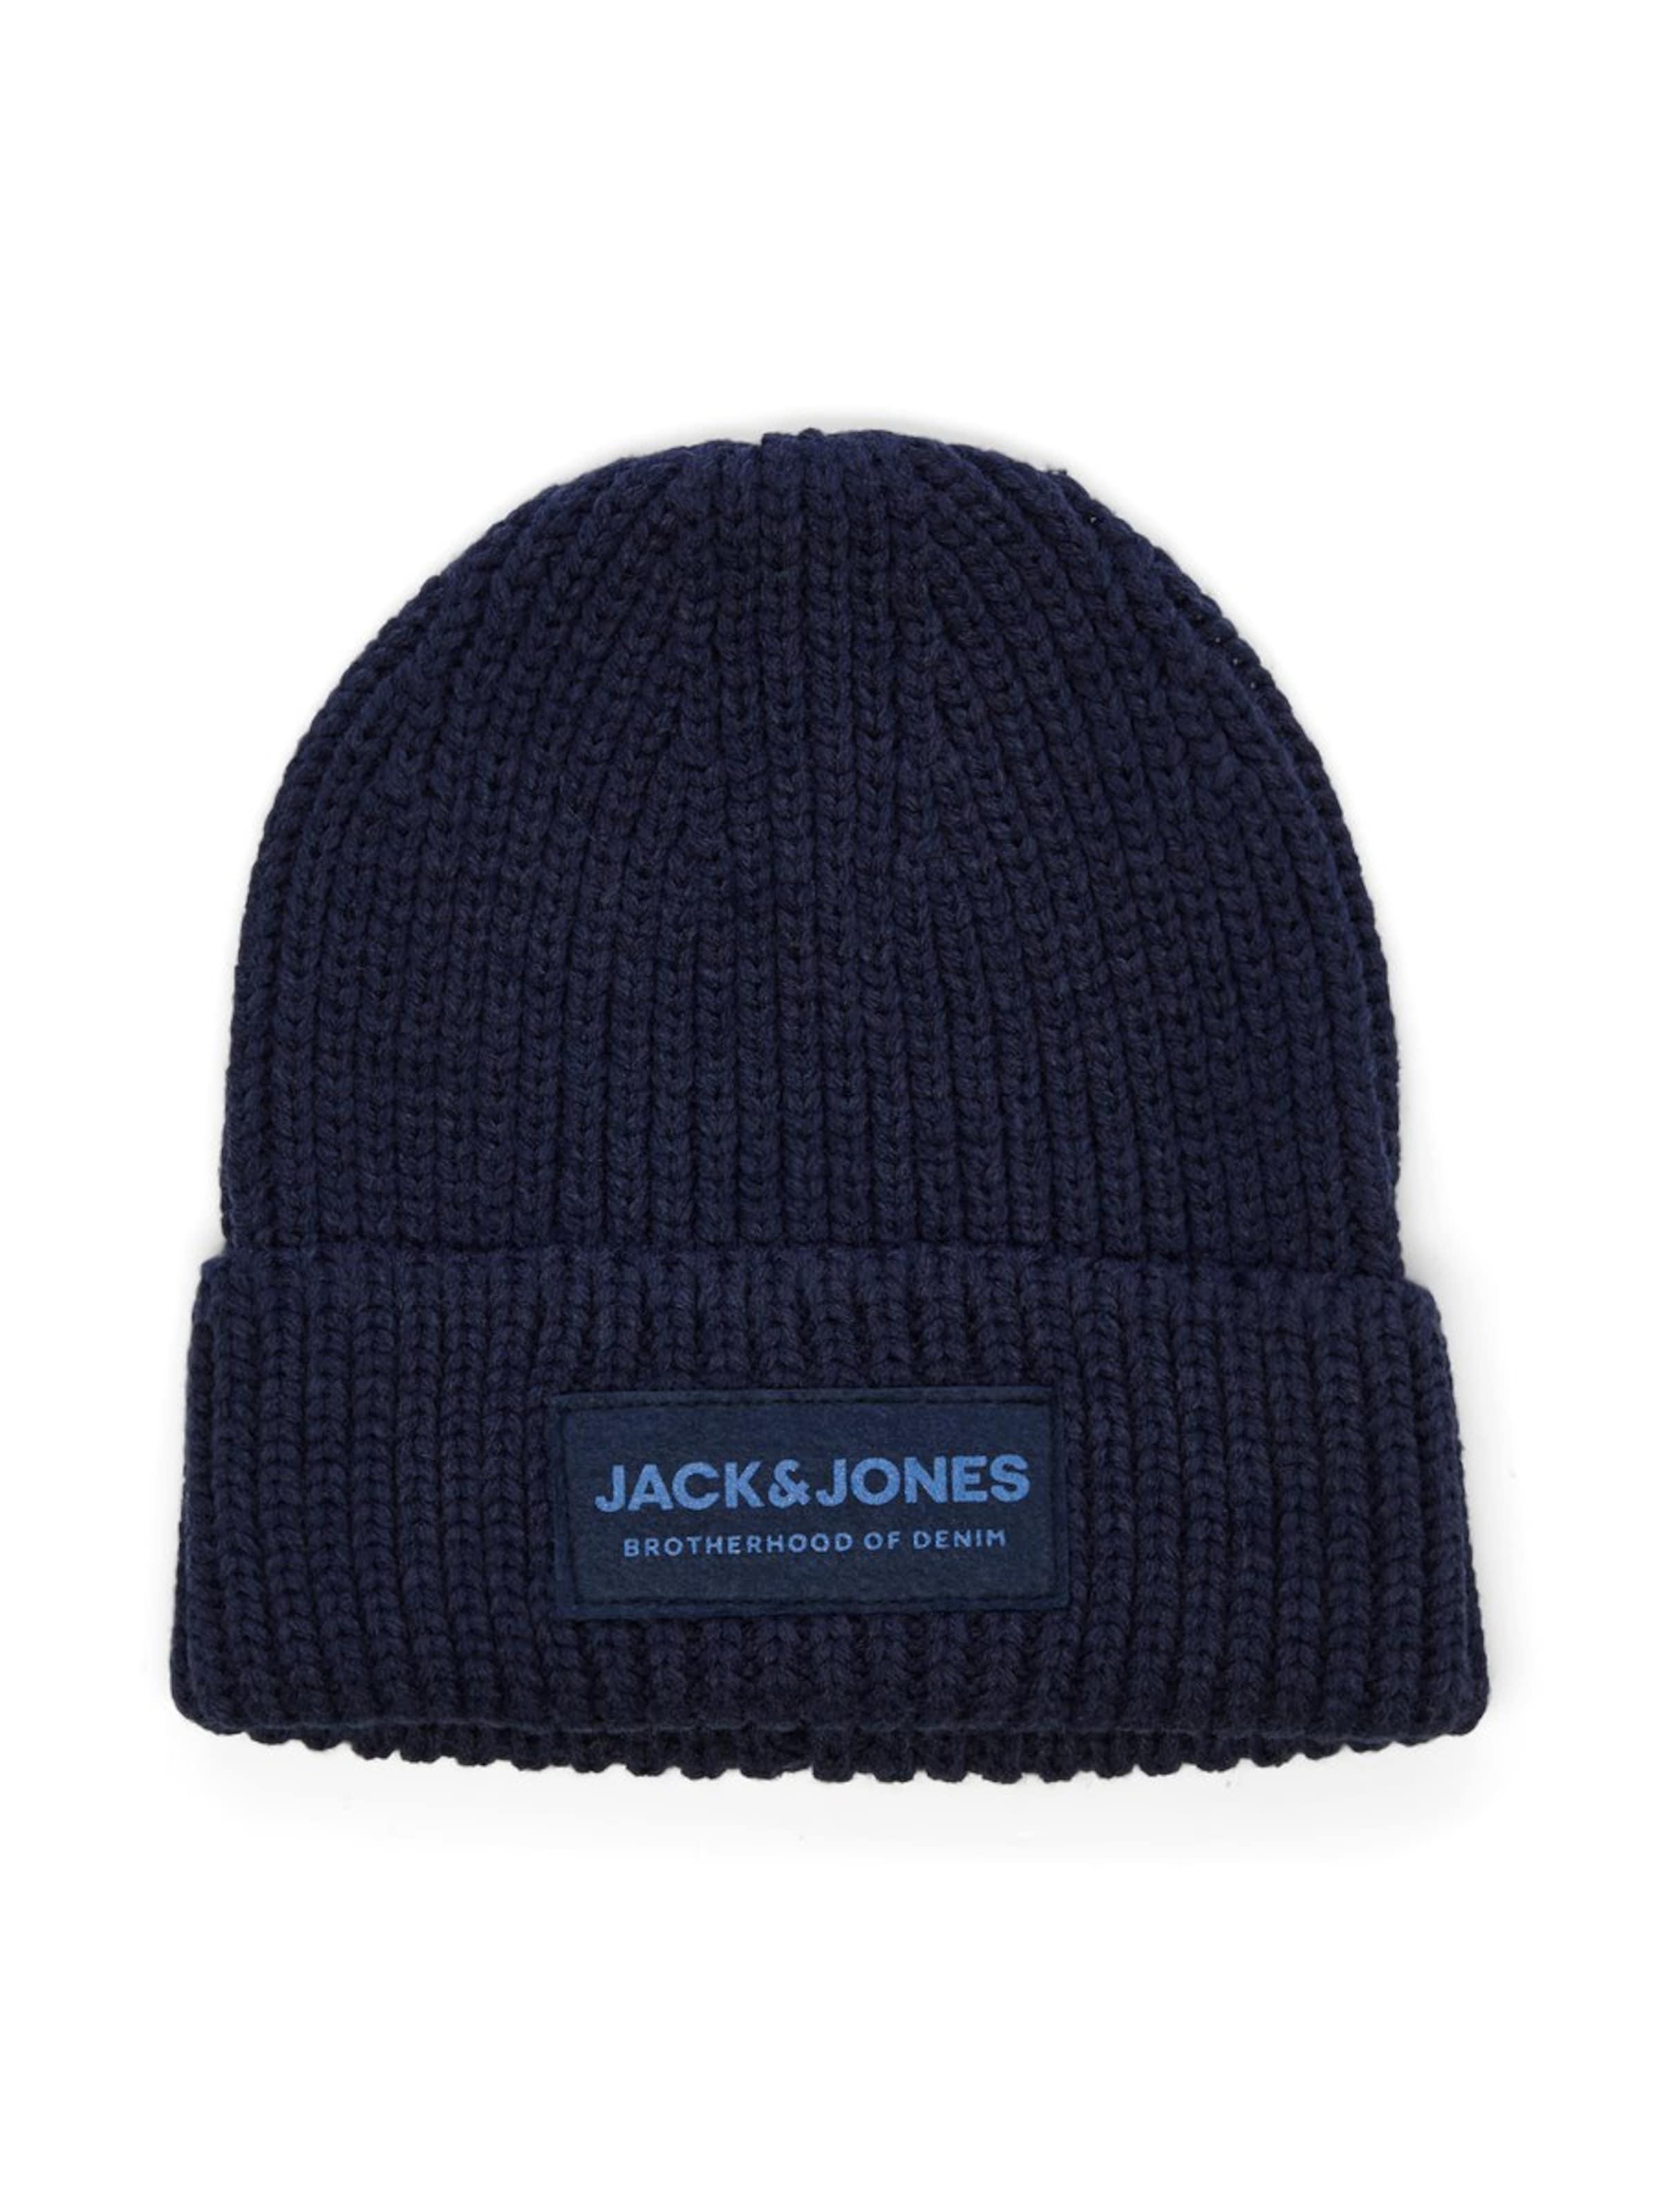 JACK & JONES Mössa i mörkblå